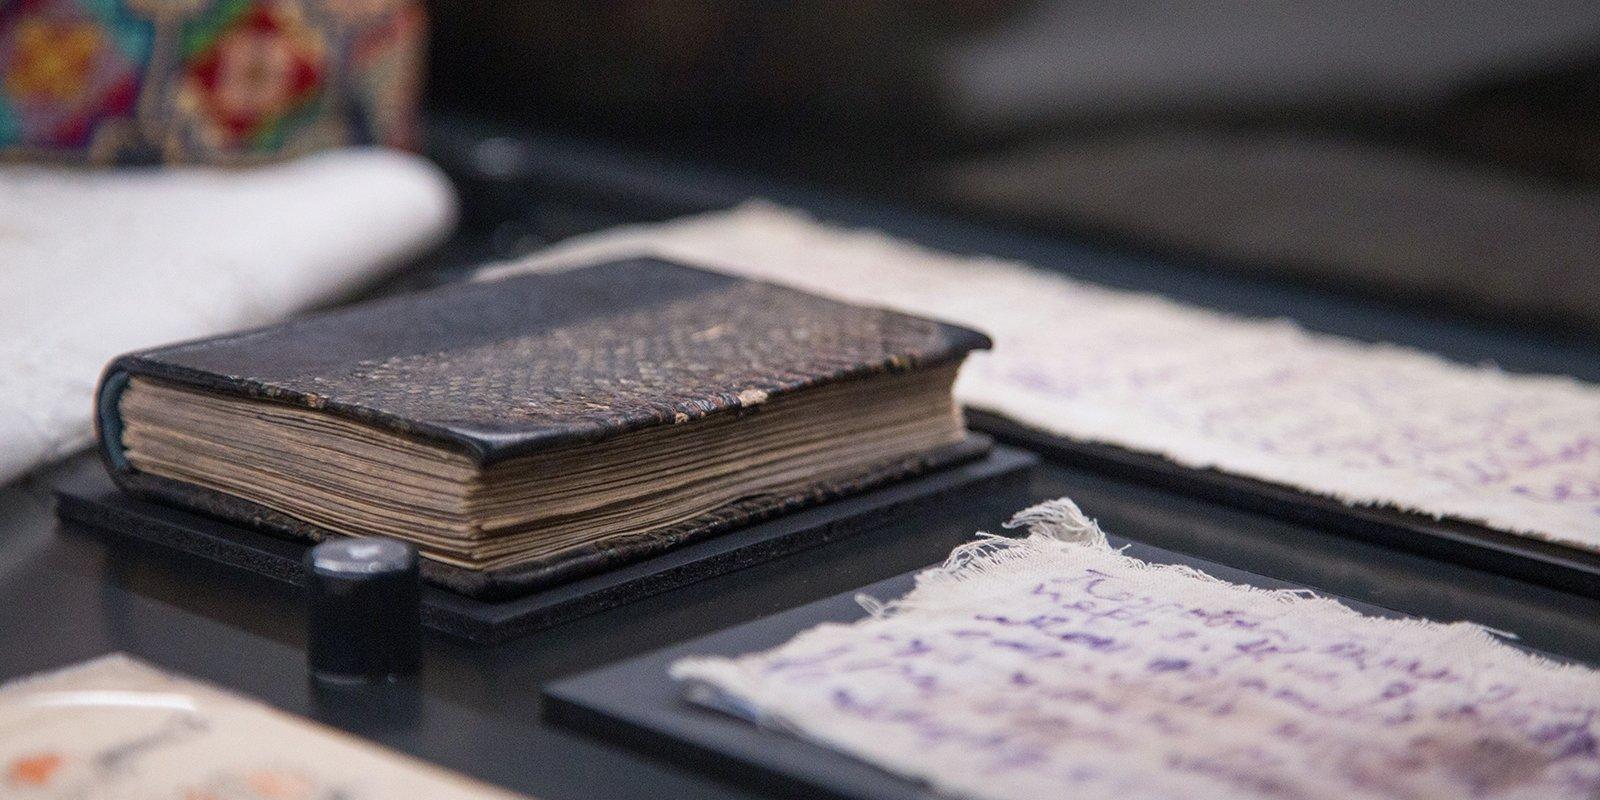 Метео-чертик и письма на ткани. Хранитель Музея истории ГУЛАГа – о главных экспонатах